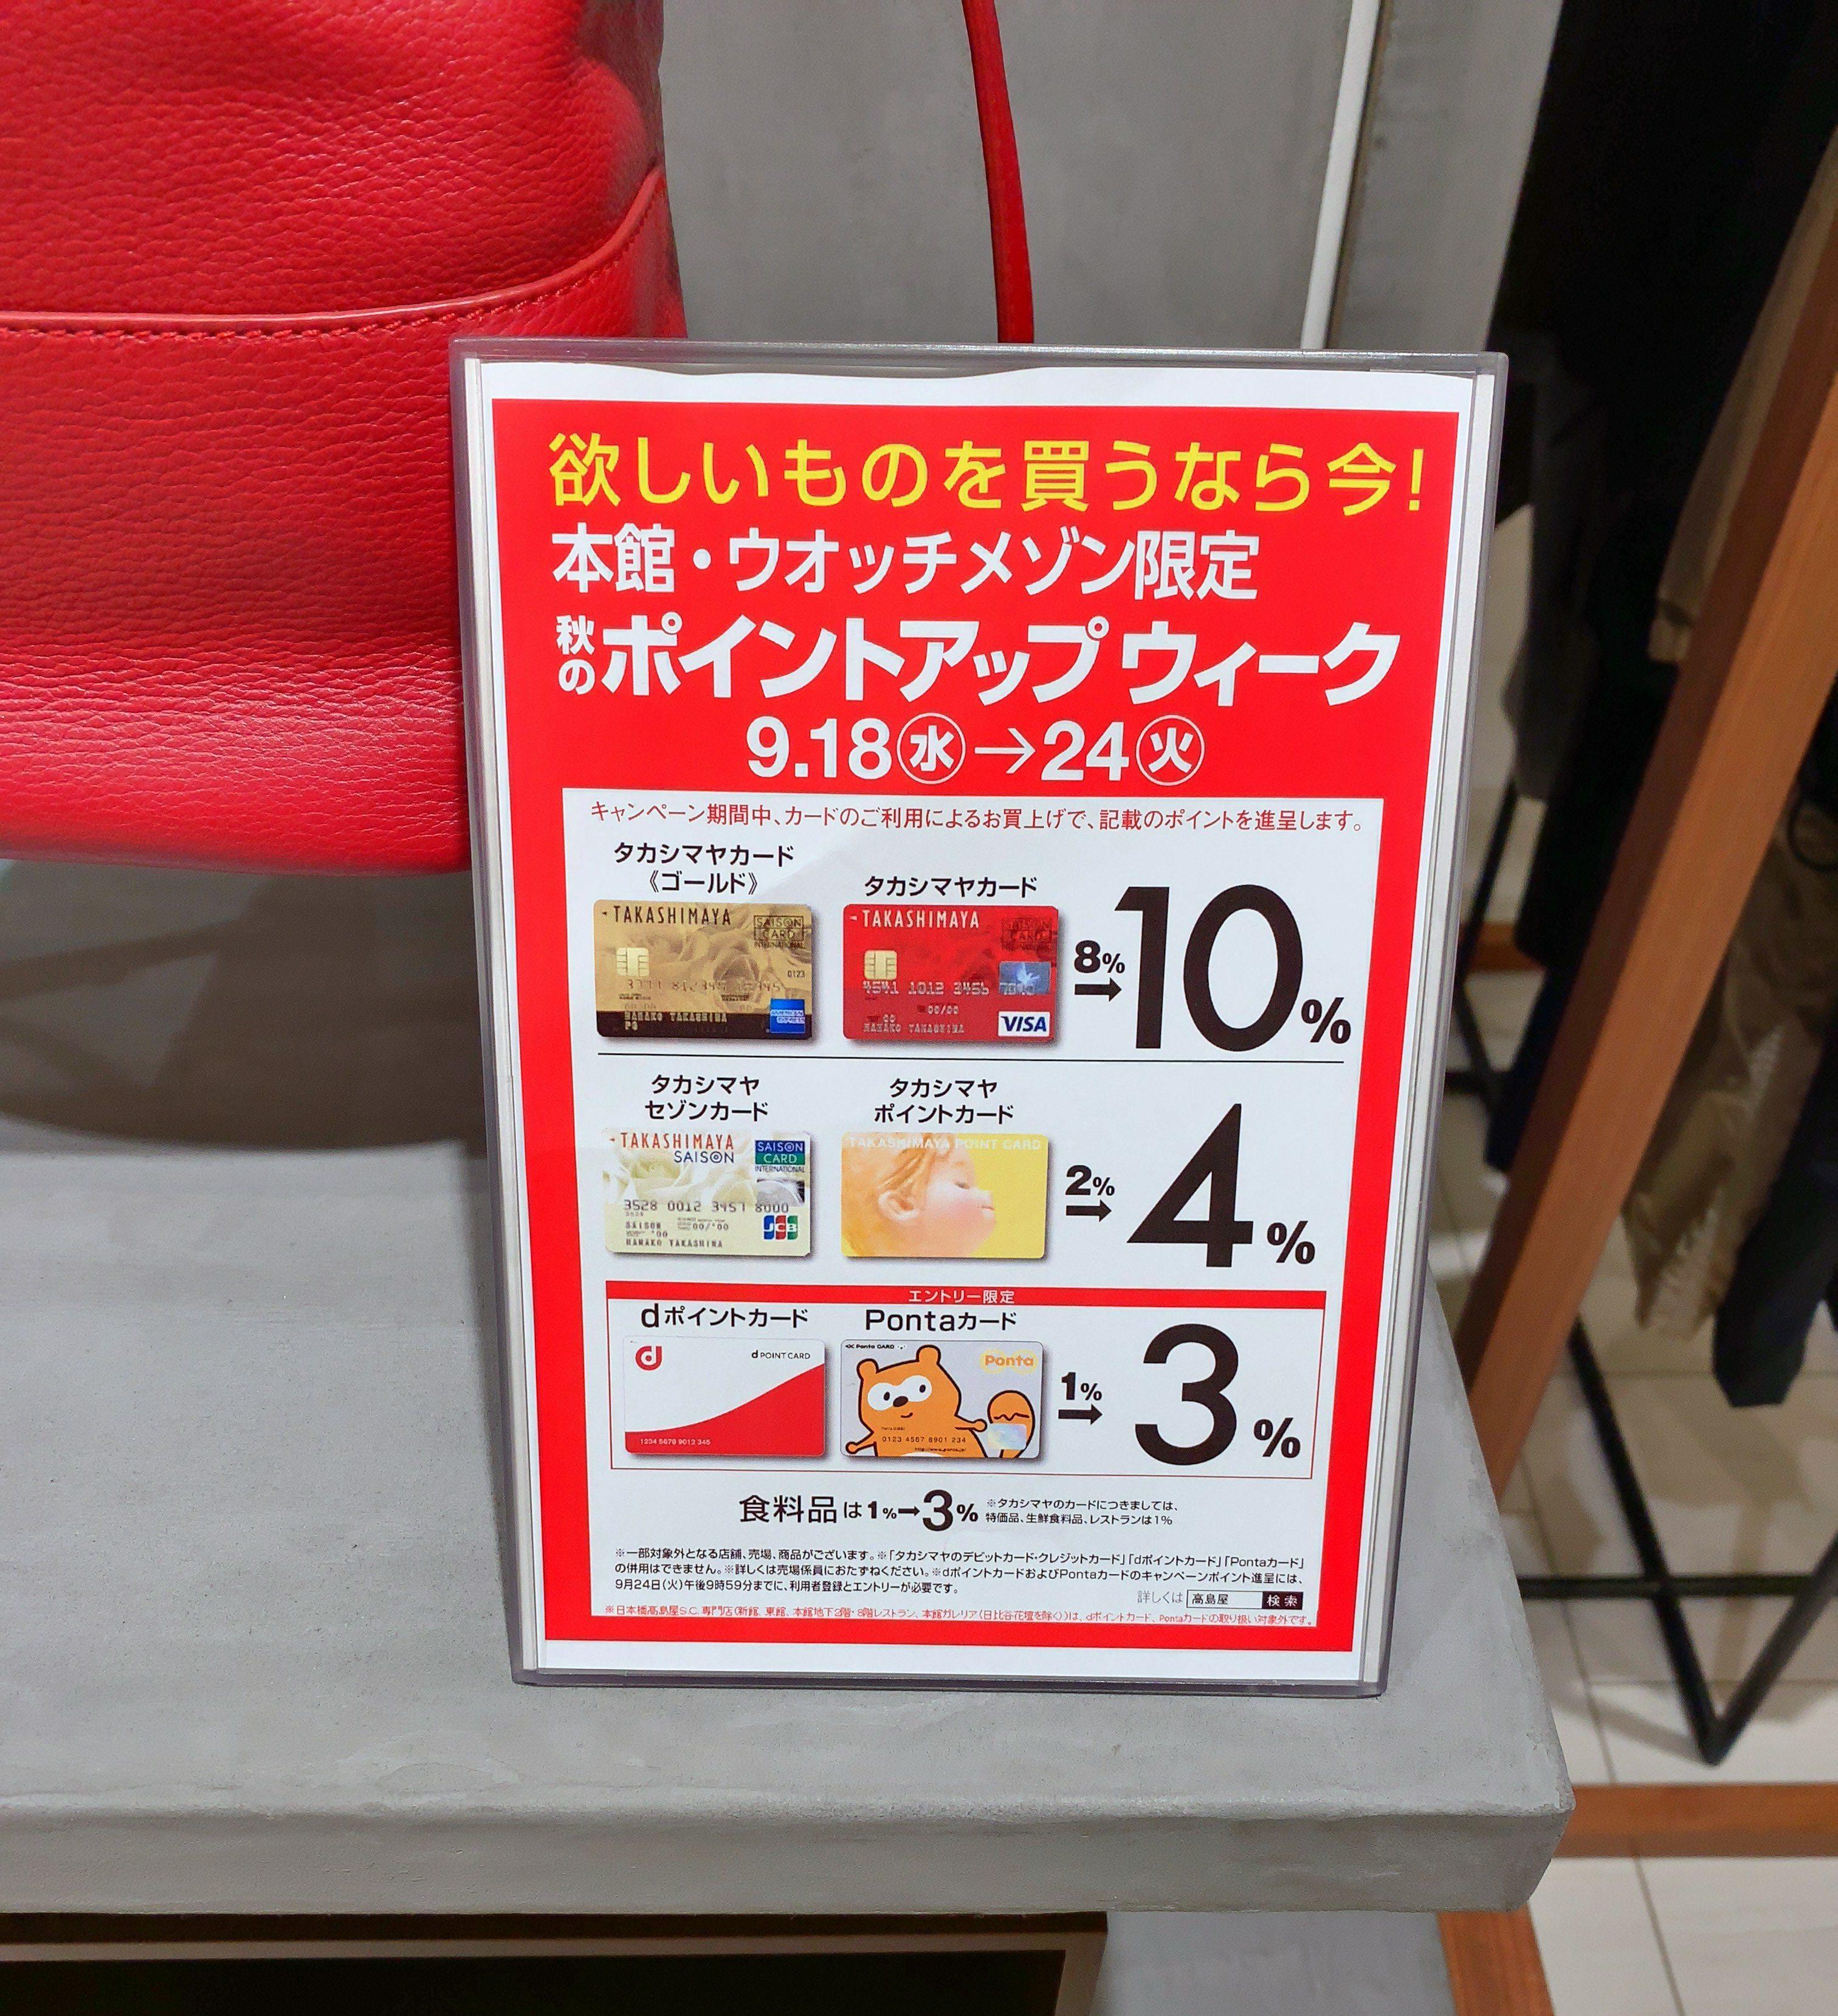 カード 高島屋 ポイント